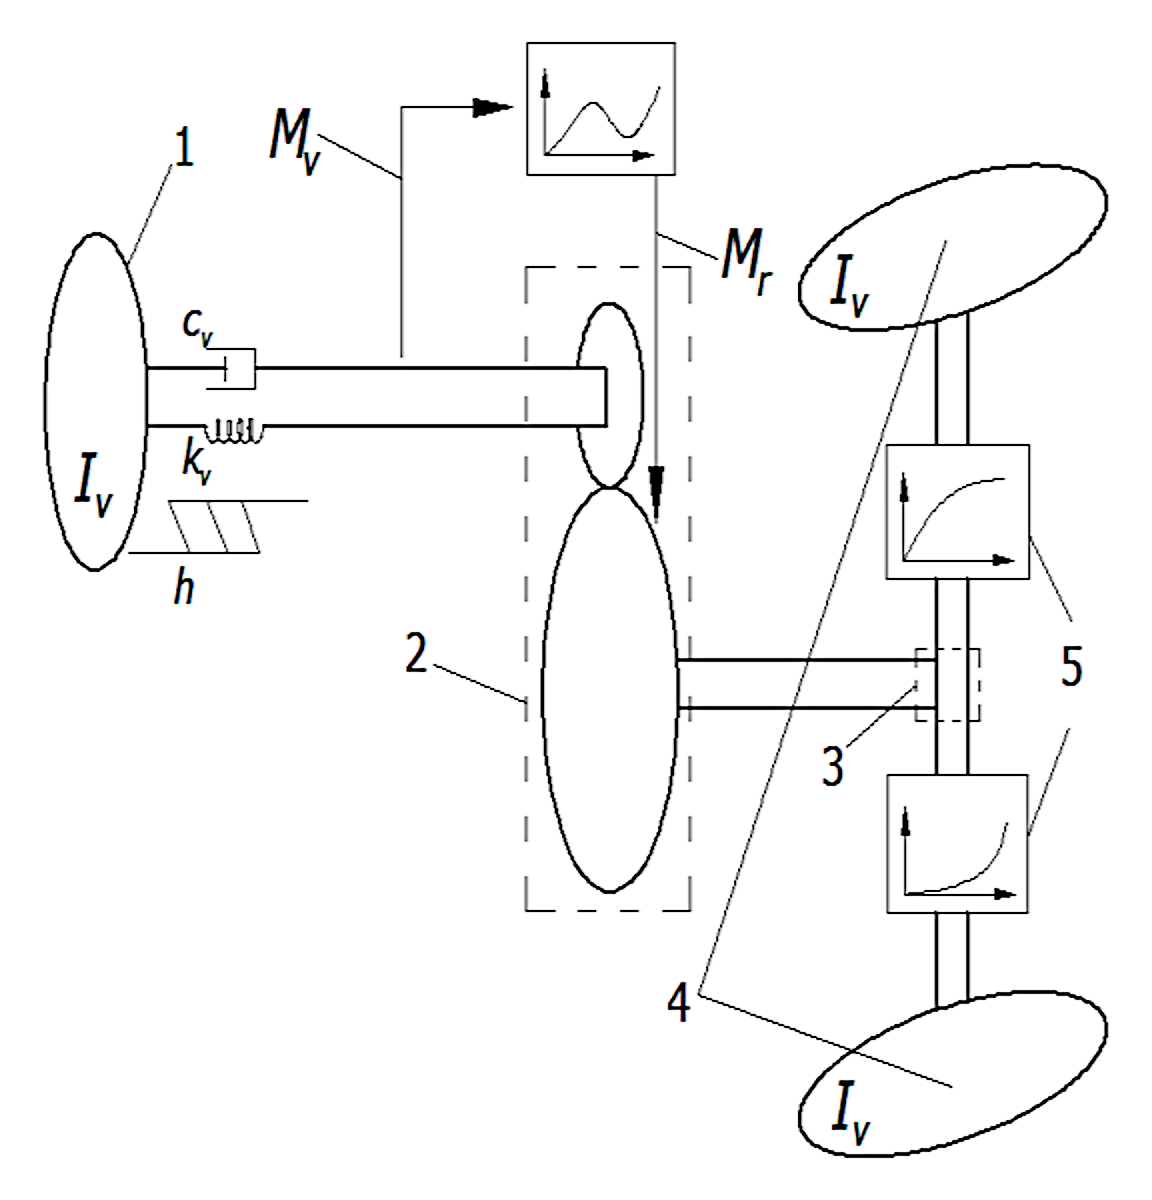 4 pav. Vairavimo sistemos schema ir parametrai / Fig. 4. Steering system diagram and parameters